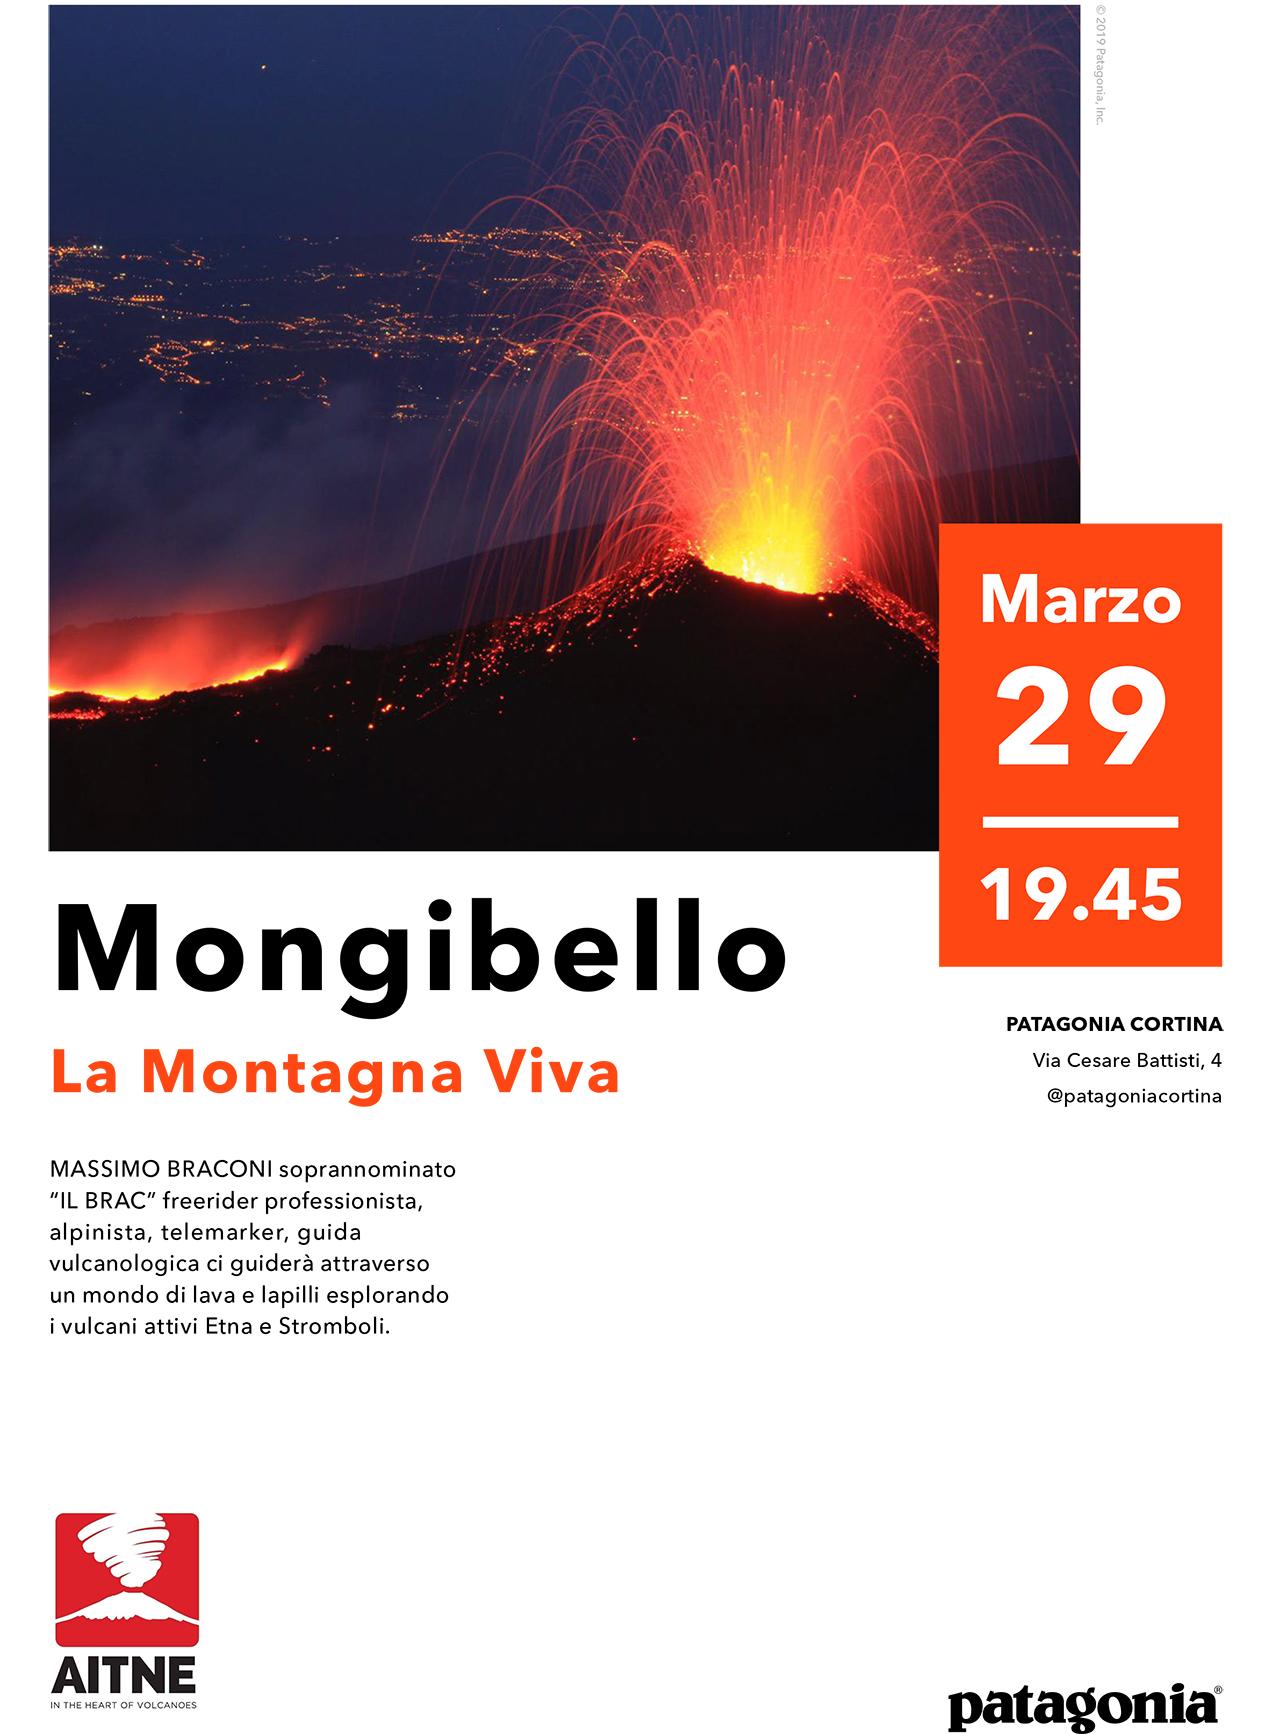 Mongibello - La Montagna Viva